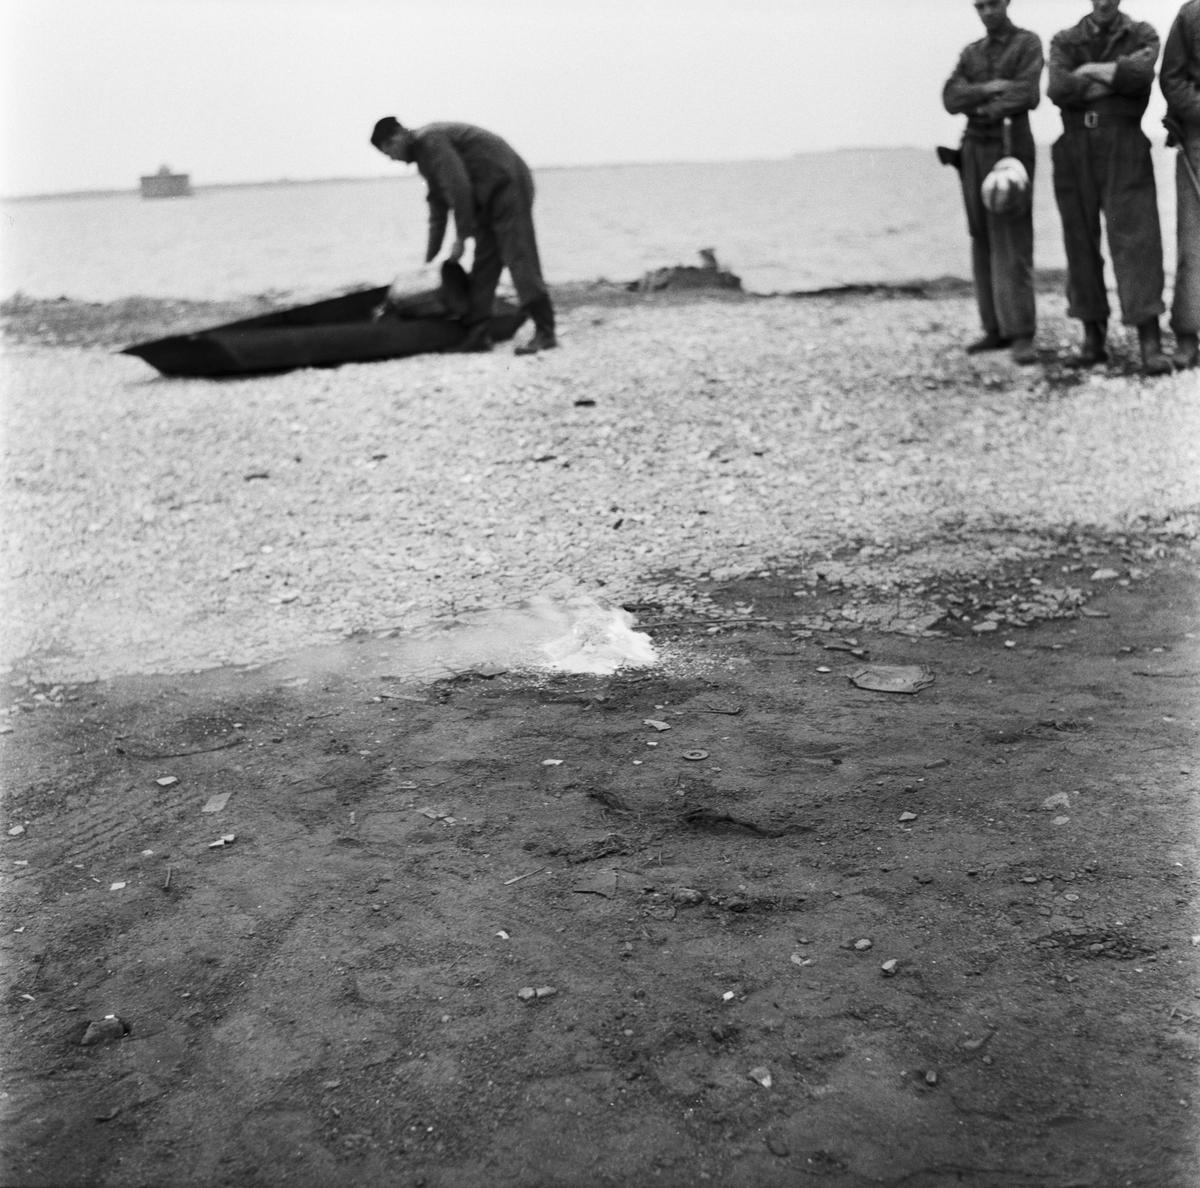 Övrigt: Foto datum: 4/12 1957 Byggnader och kranar Prov med oljebrand